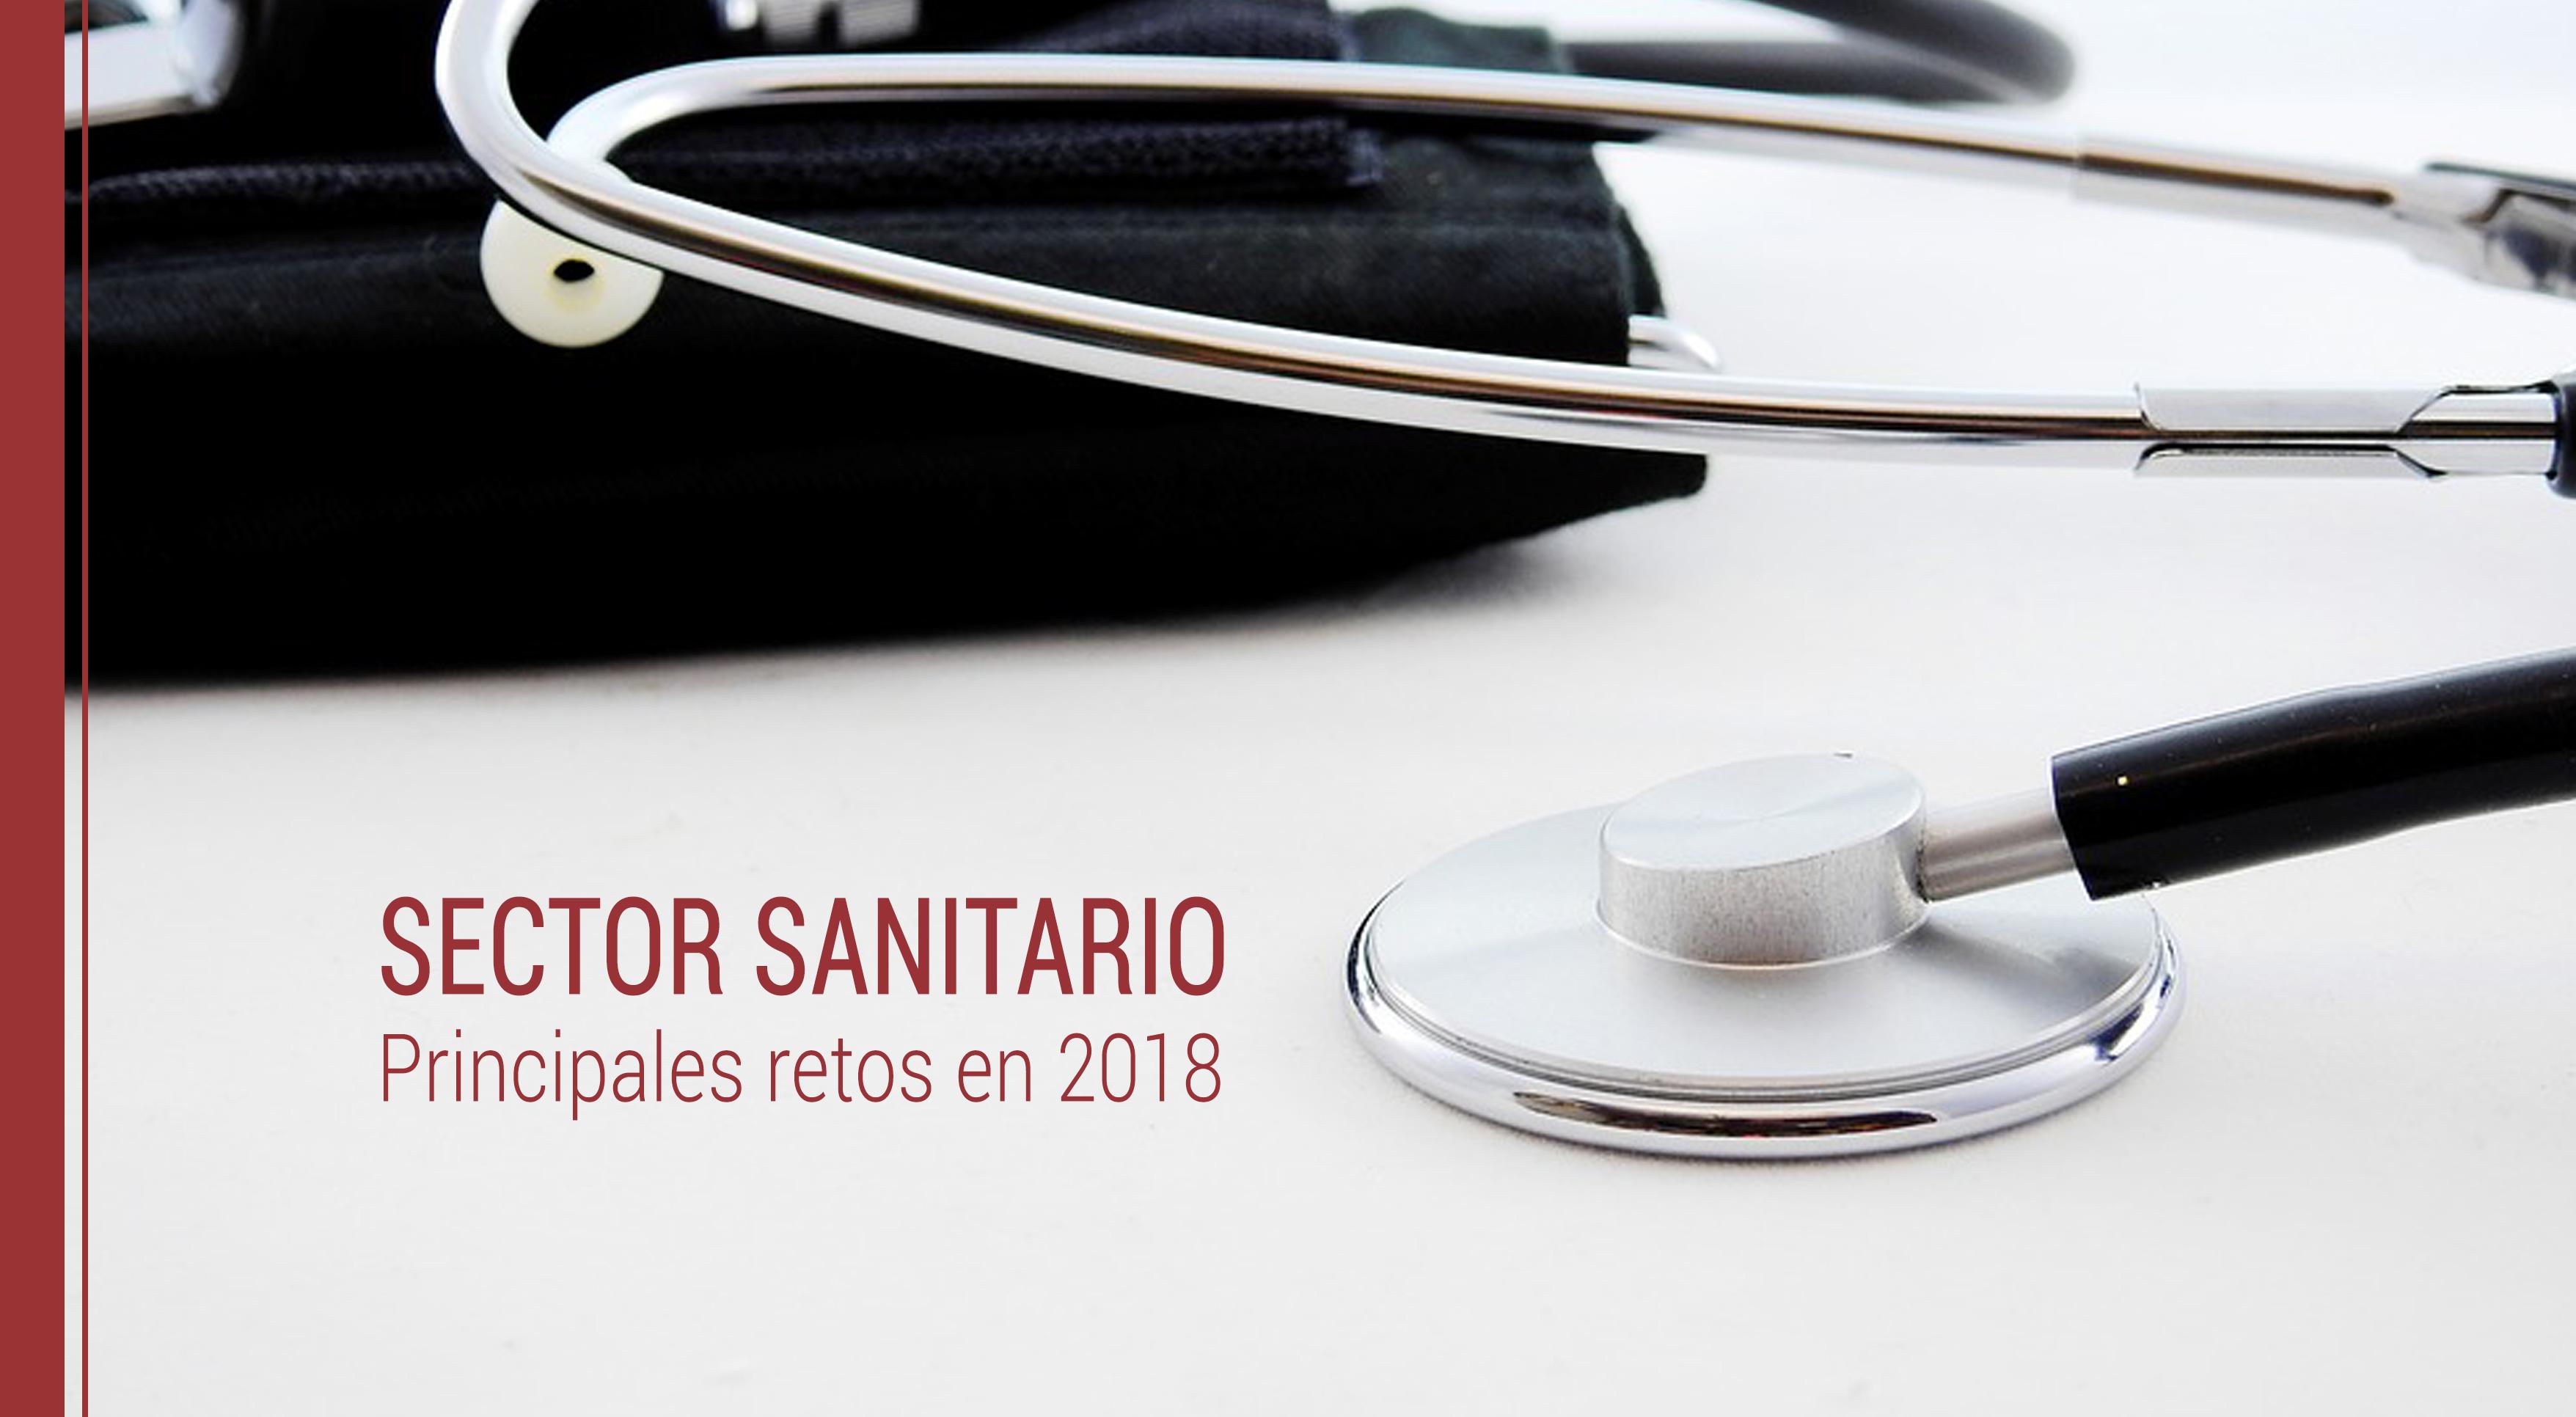 retos a los que se enfrenta el sector sanitario en 2018